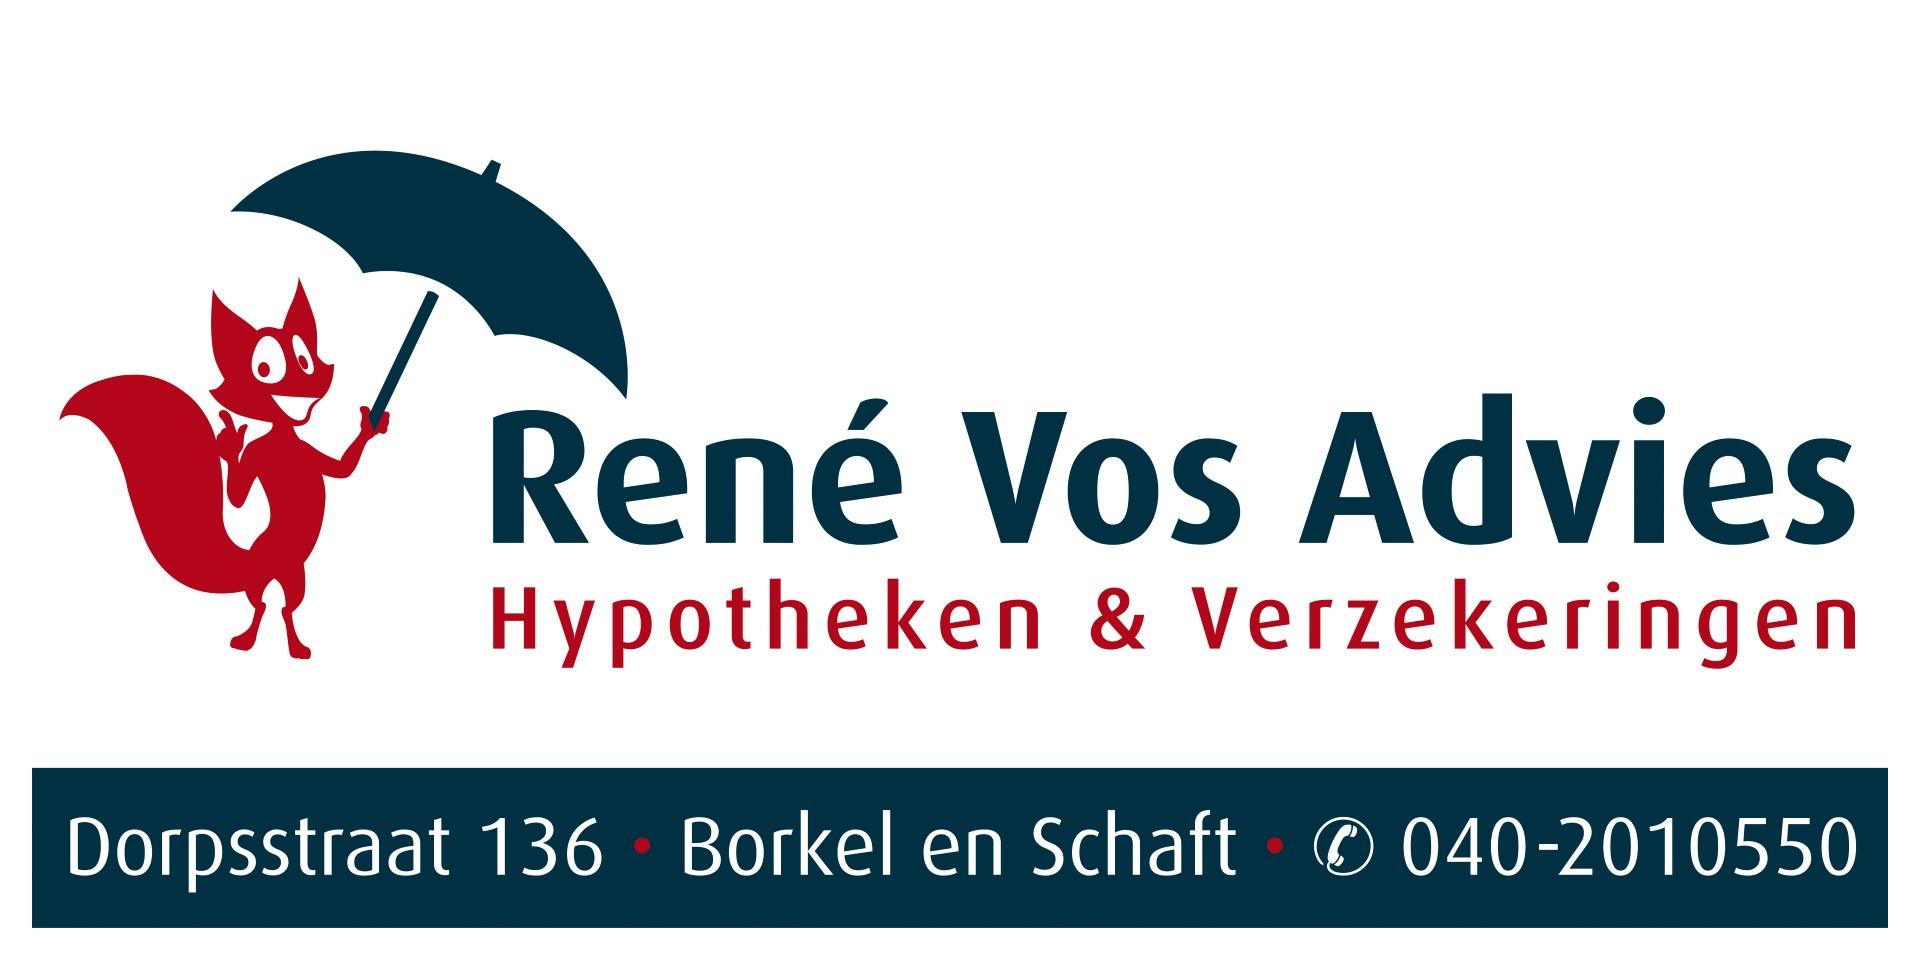 René Vos Advies